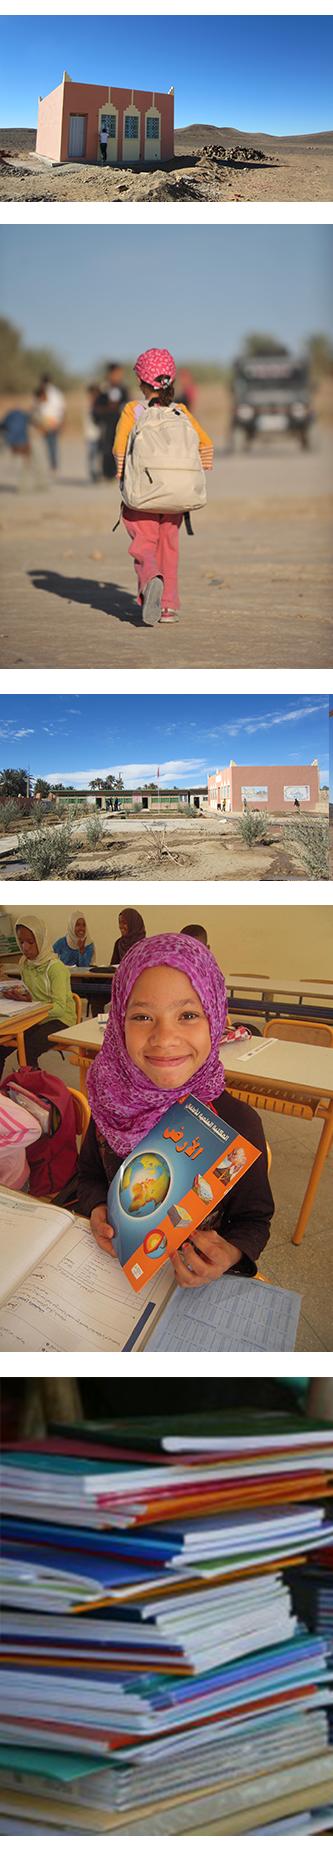 maroc humanitaire école